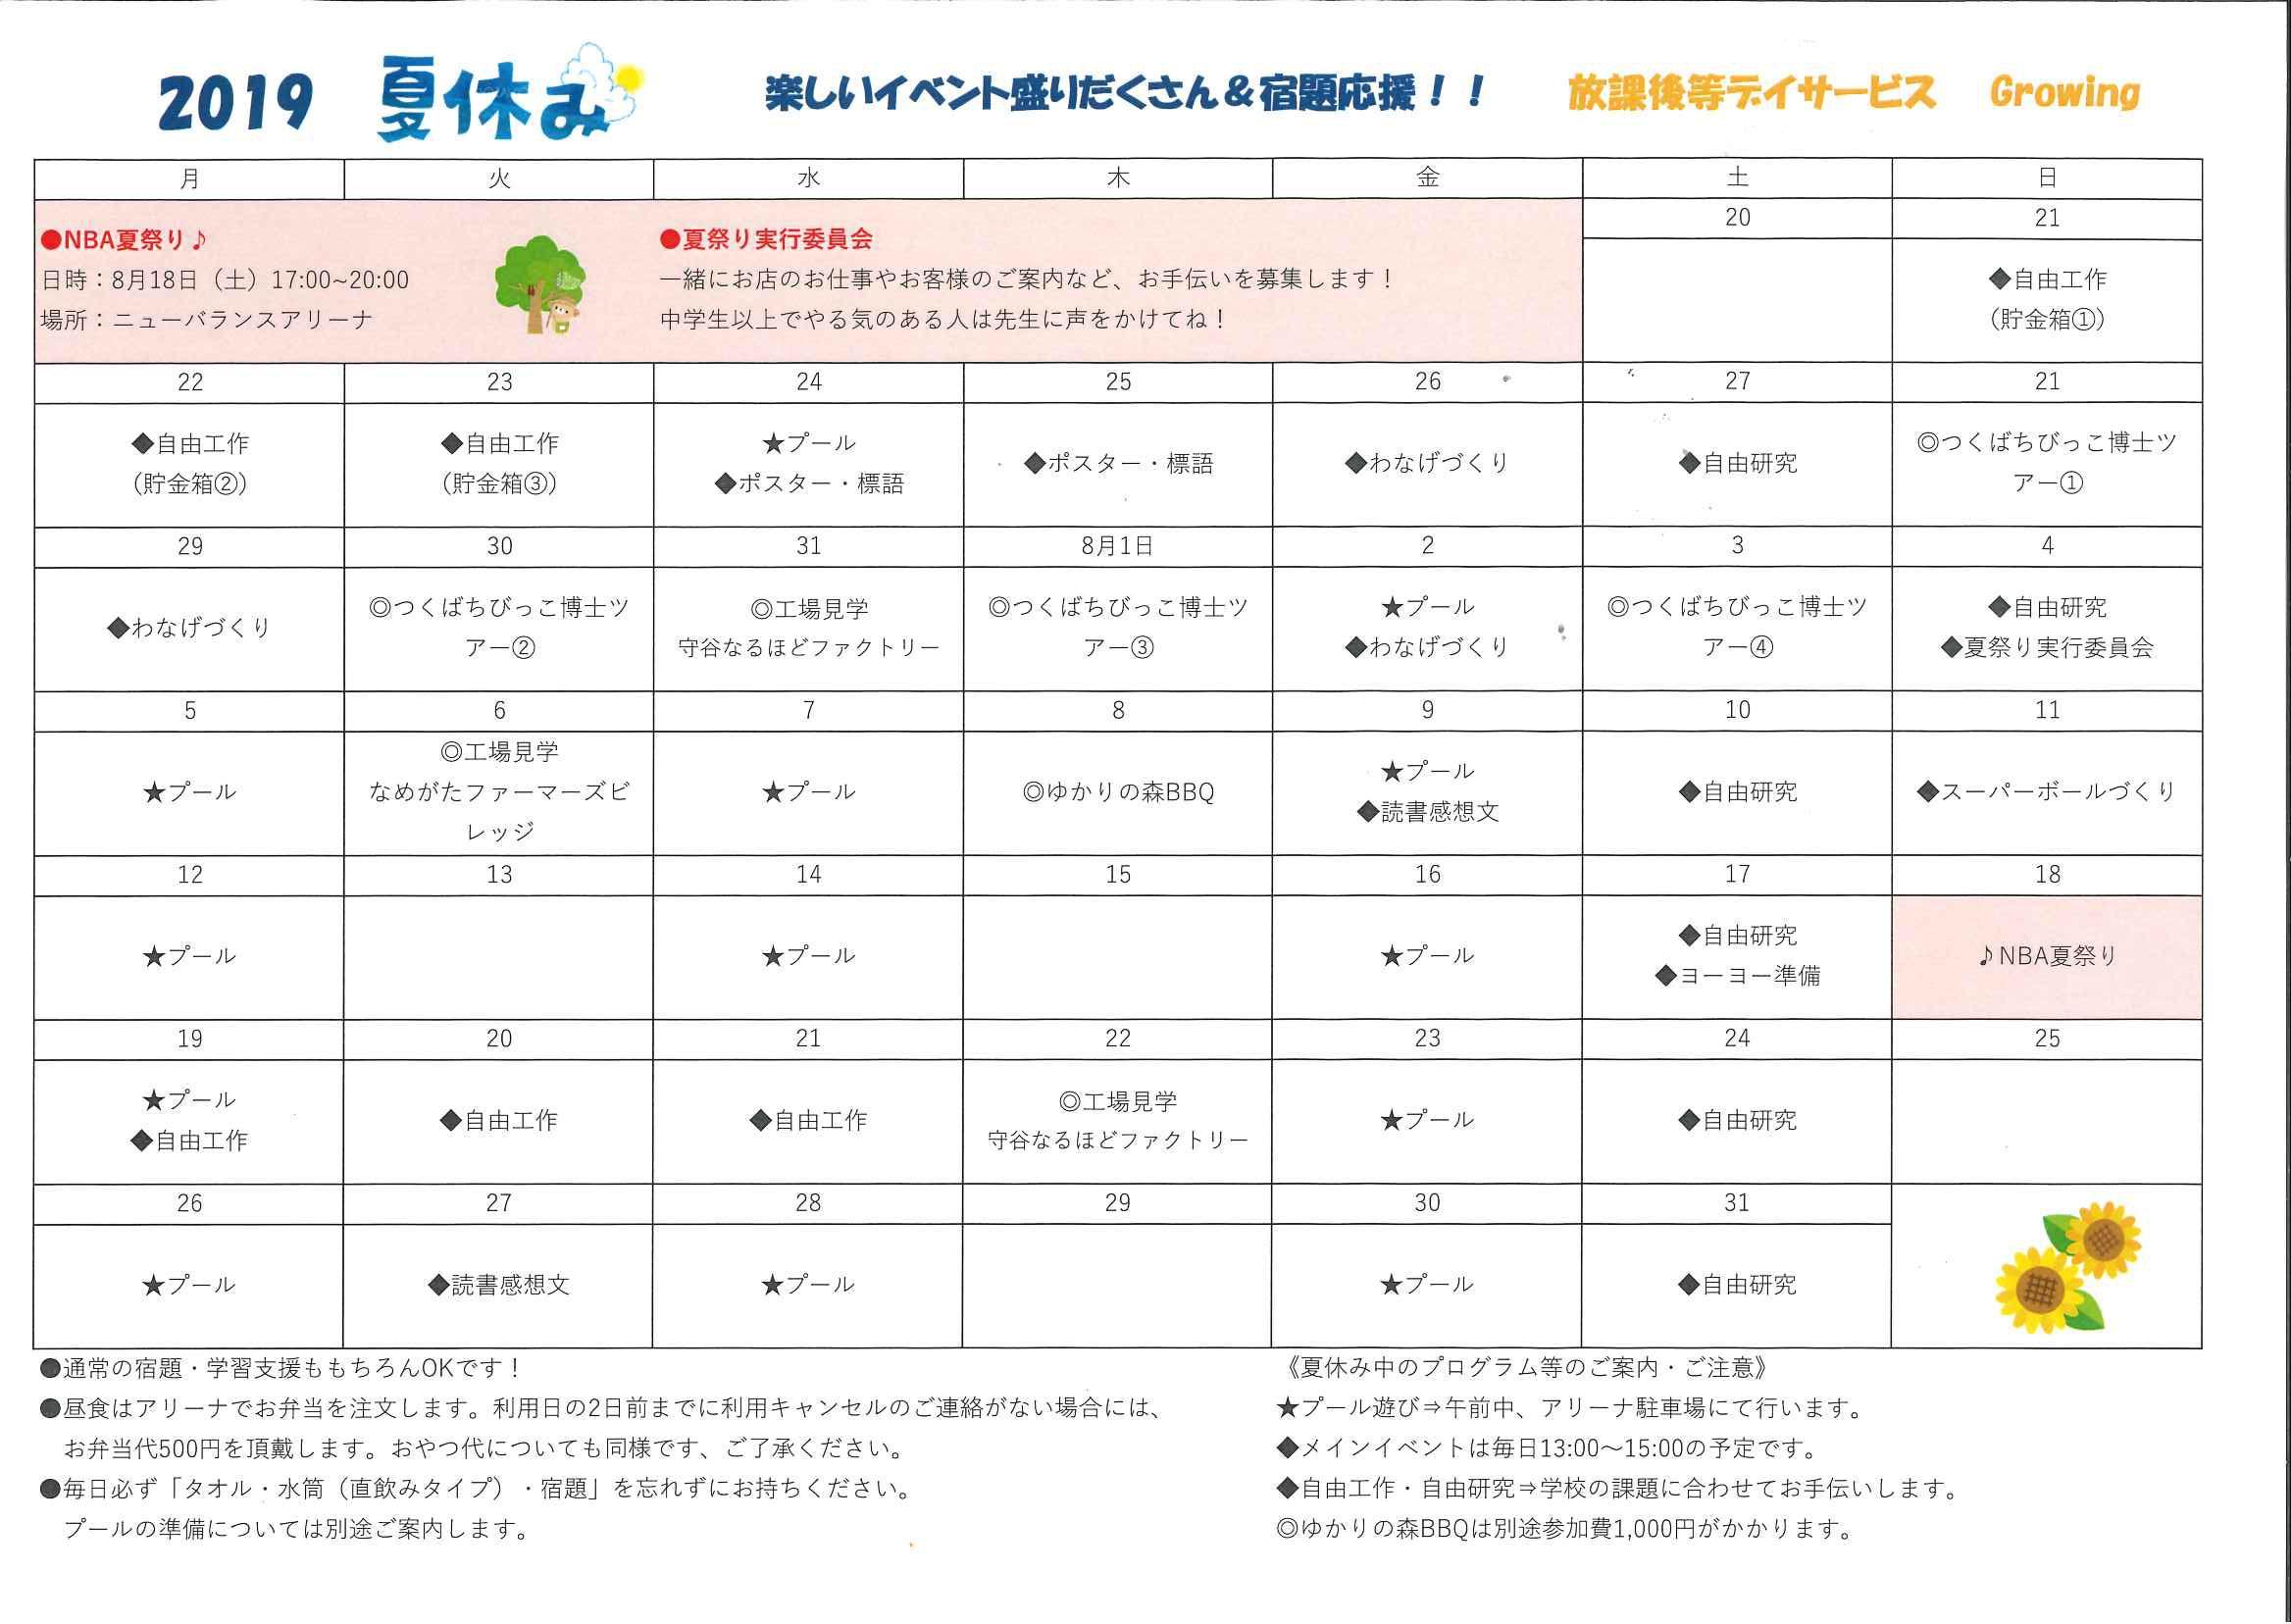 2019夏休みスケジュールnew!page-visual 2019夏休みスケジュールnew!ビジュアル